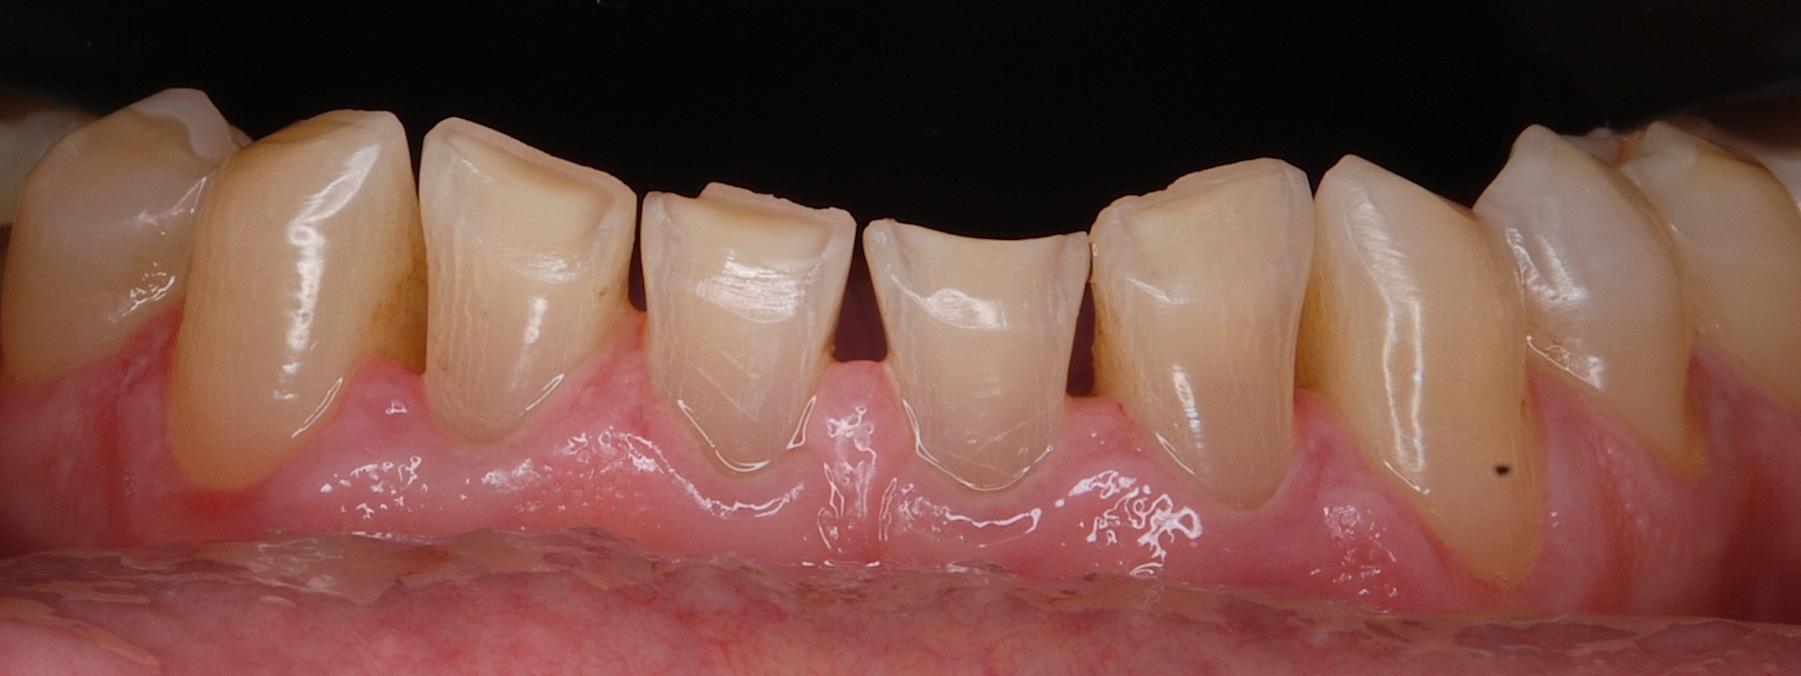 Почему разрушается эмаль зубов и можно ли решить эту проблему